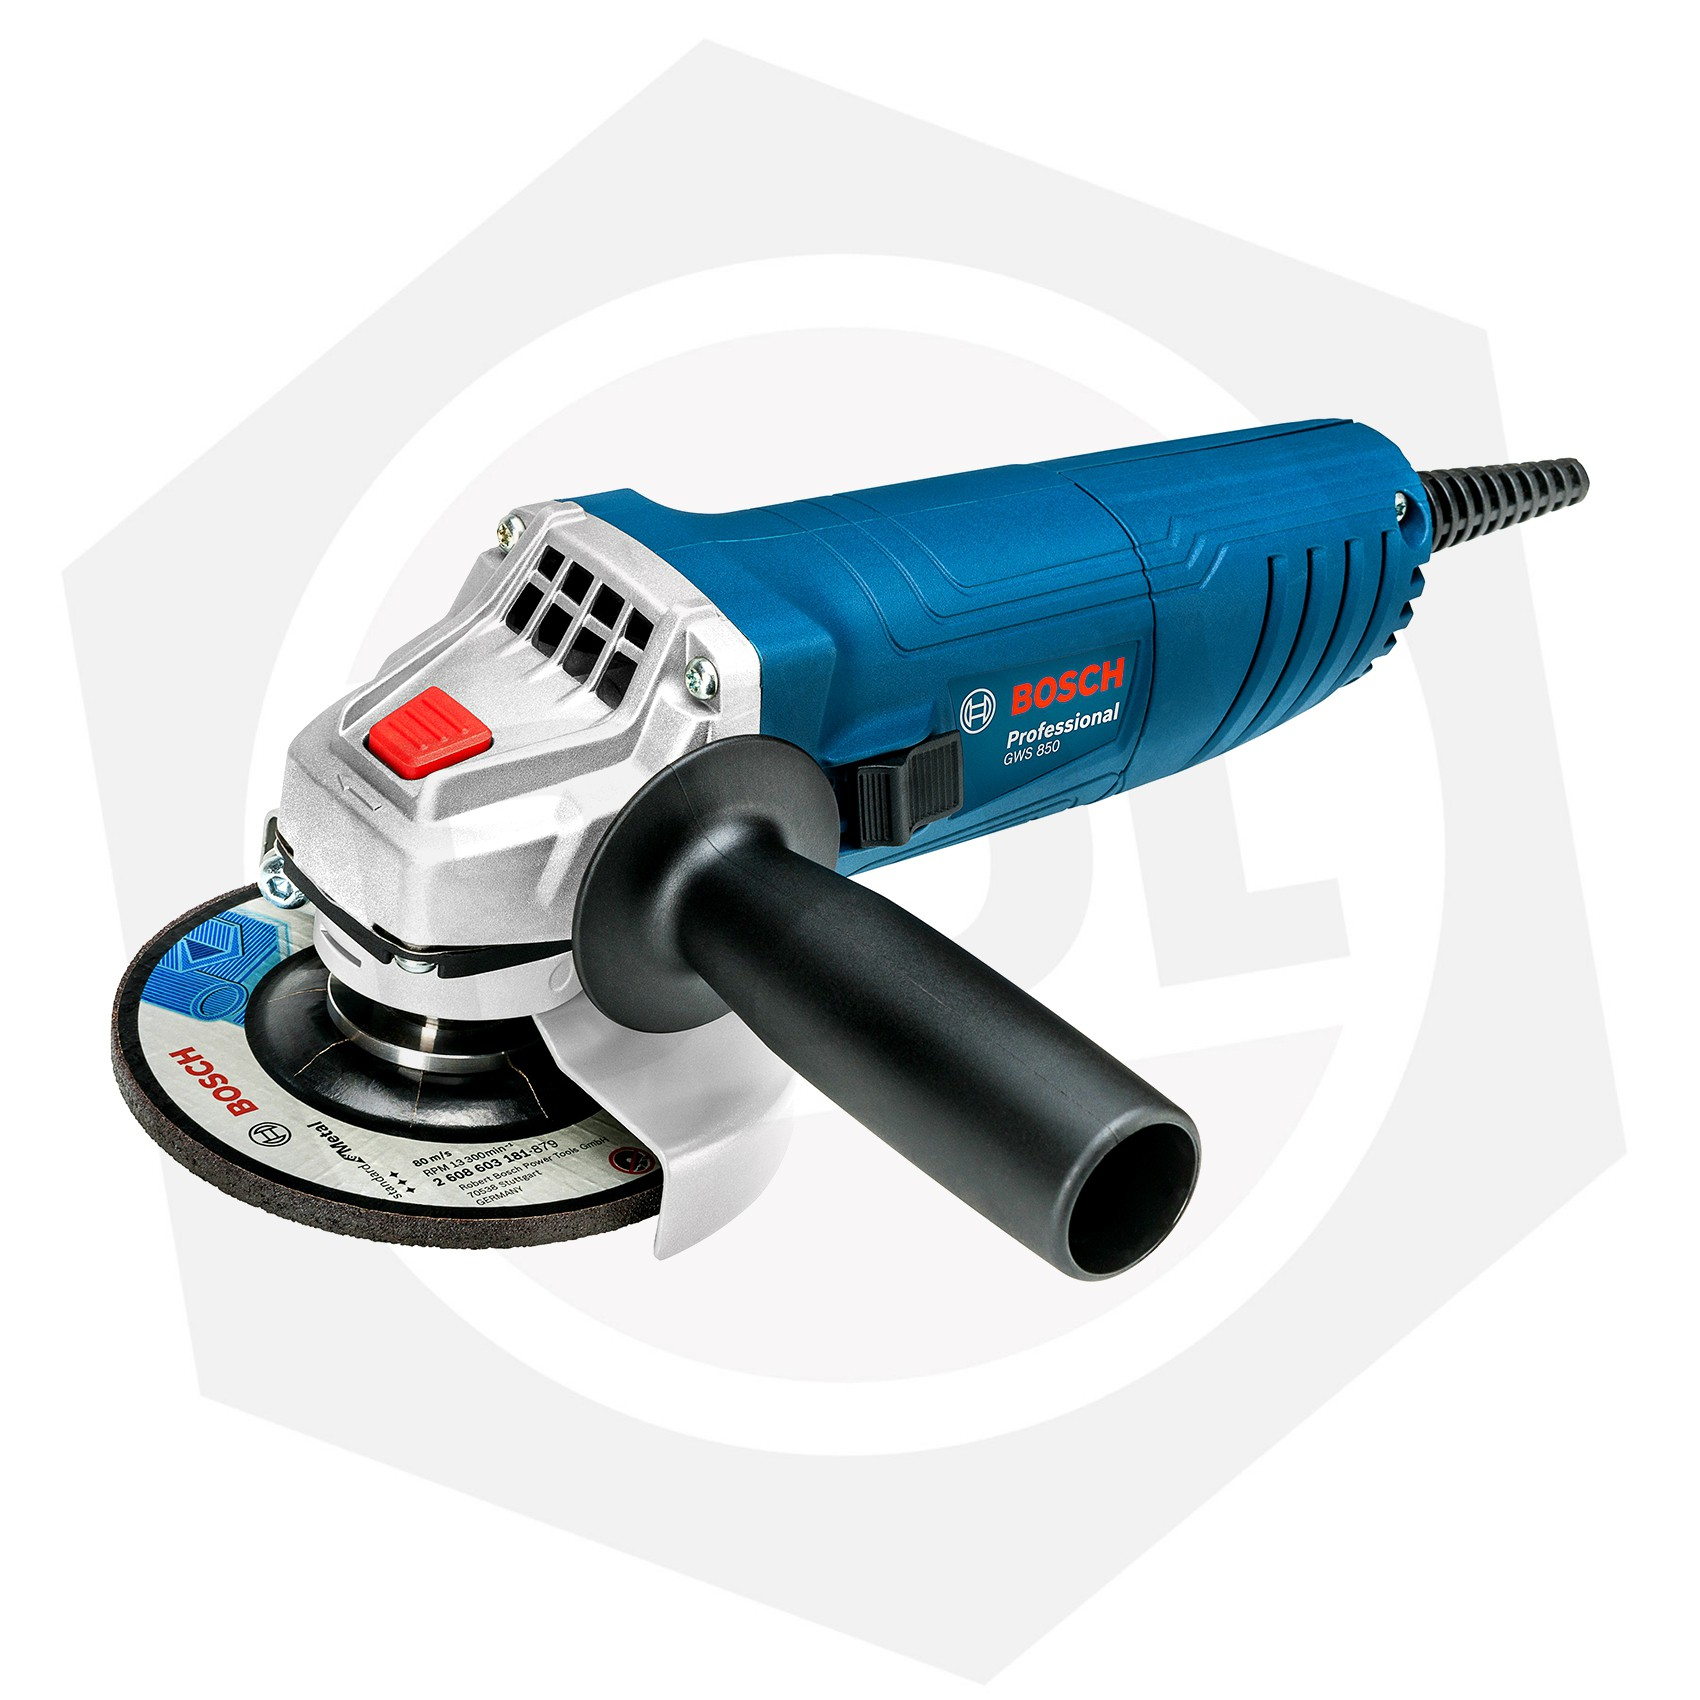 OFERTA - Amoladora Angular Bosch GWS 850